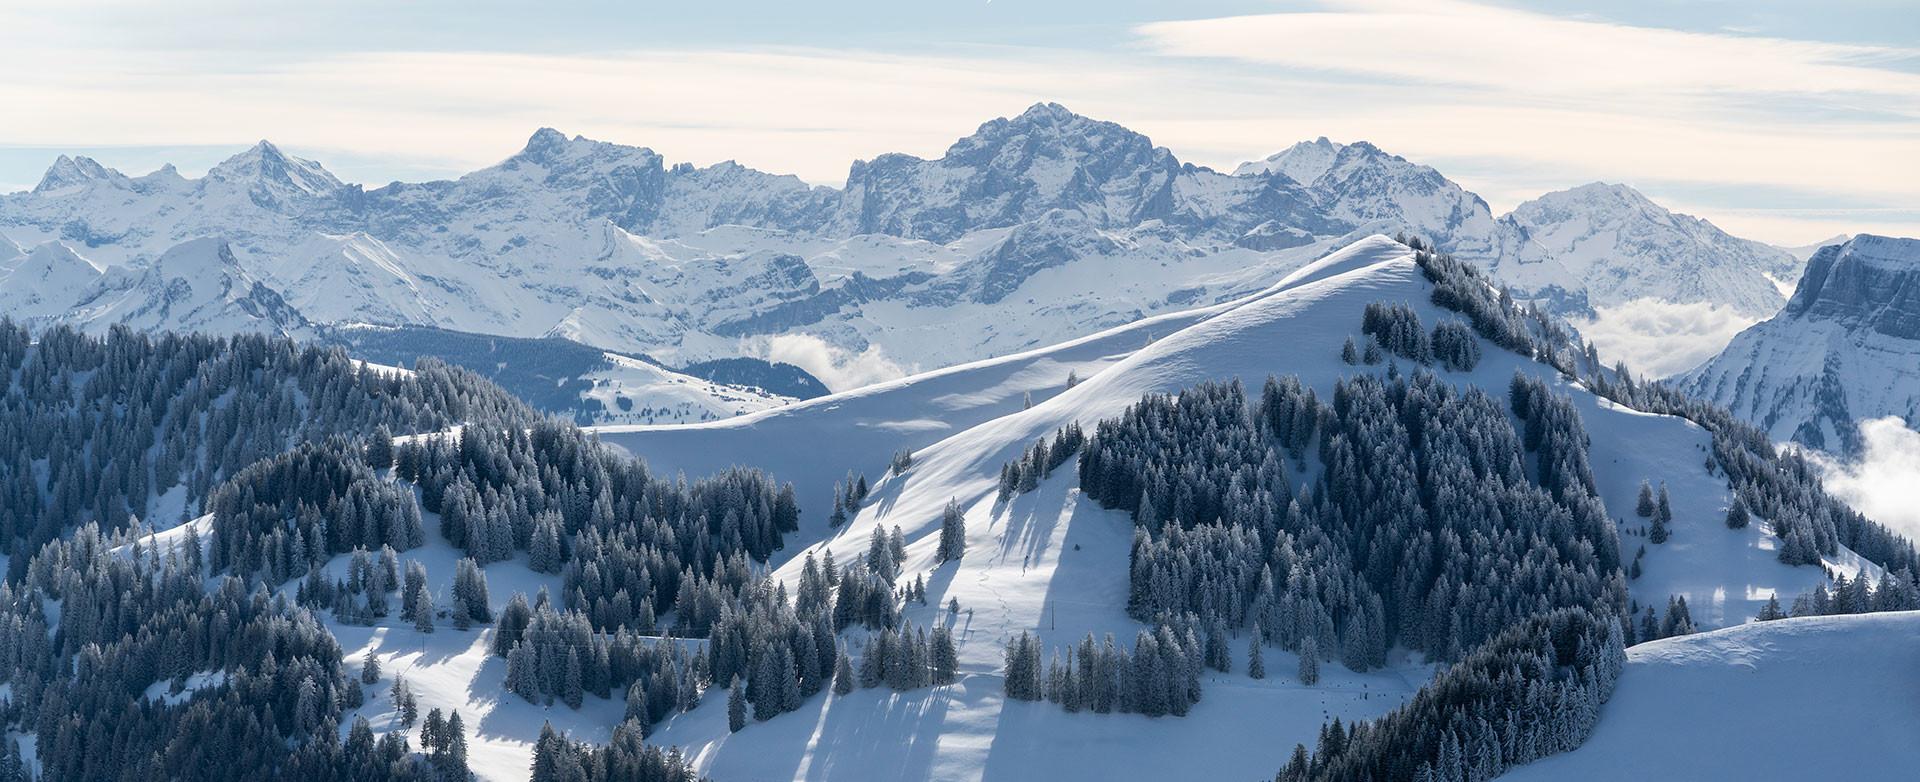 Winter Wunderland auf der Rigi